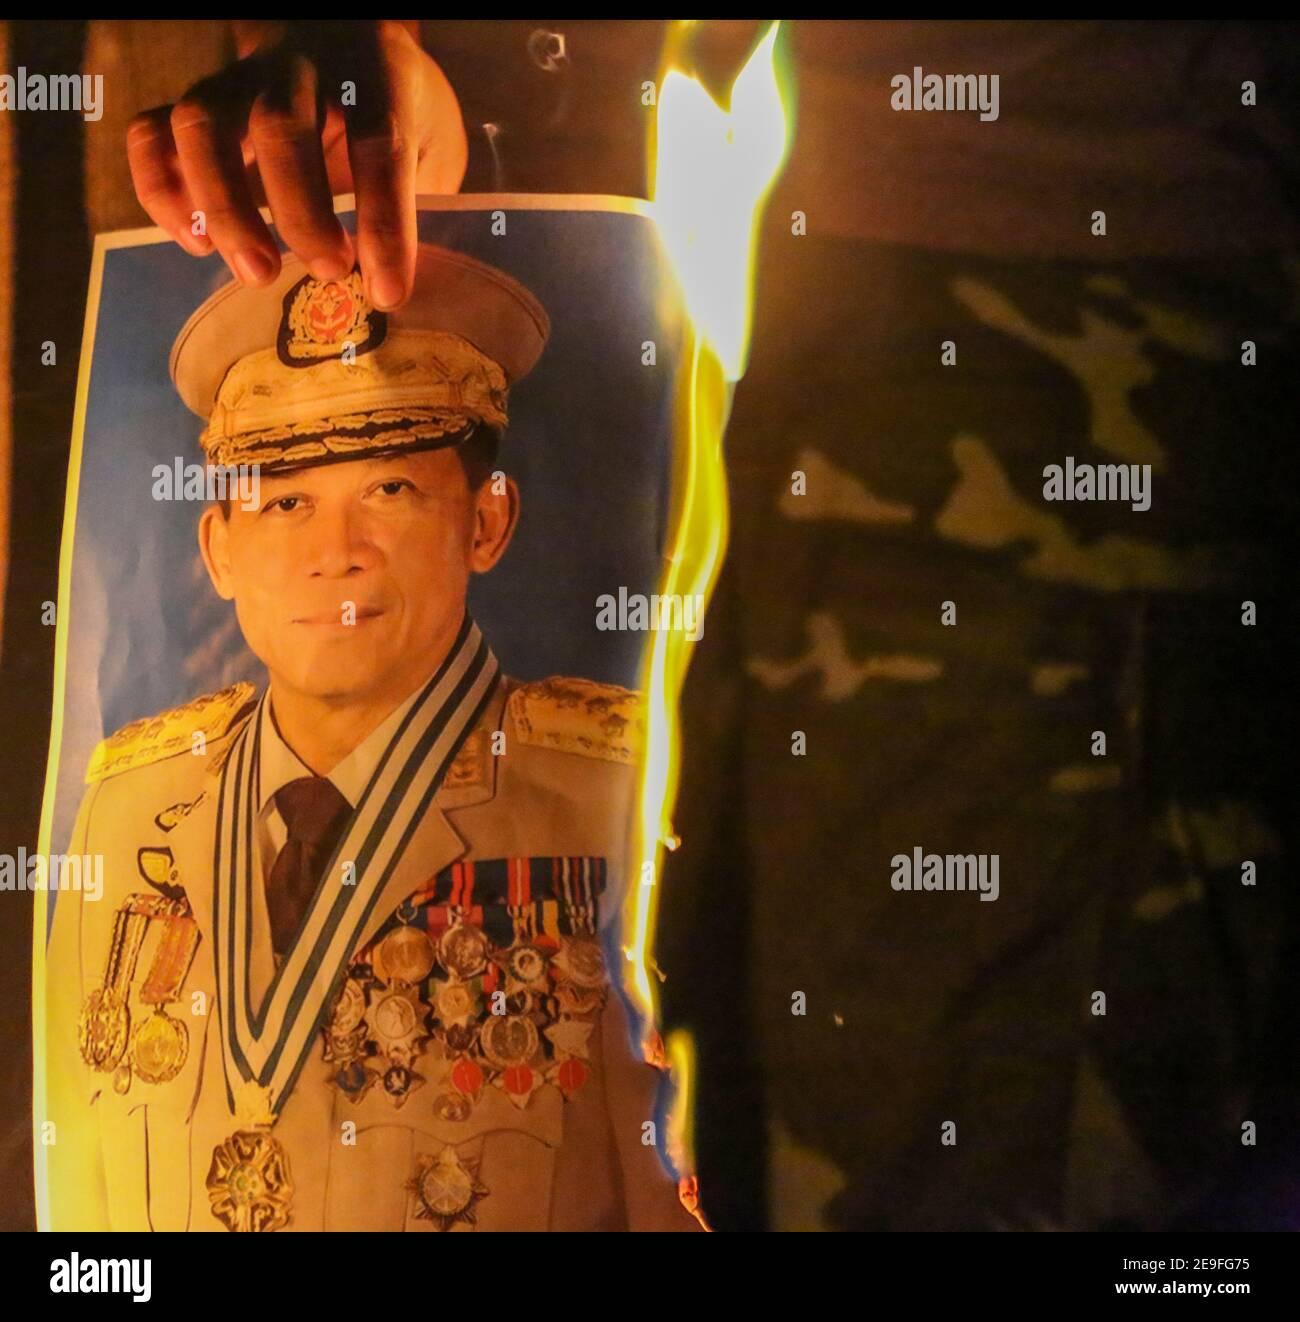 Brennendes Porträt des Oberbefehlshabers der Burma-Armee Min Aung Hlaing aus Protest gegen den Militärputsch.Myanmar-Militärs nahmen am 01. Februar die staatliche Beraterin von Myanmar Aung San Suu Kyi fest, 2021 und erklärte den Ausnahmezustand, während er die Macht im Land für ein Jahr nach dem Verlust der Wahl gegen die National League for Democracy (NLD) ergass. Stockfoto